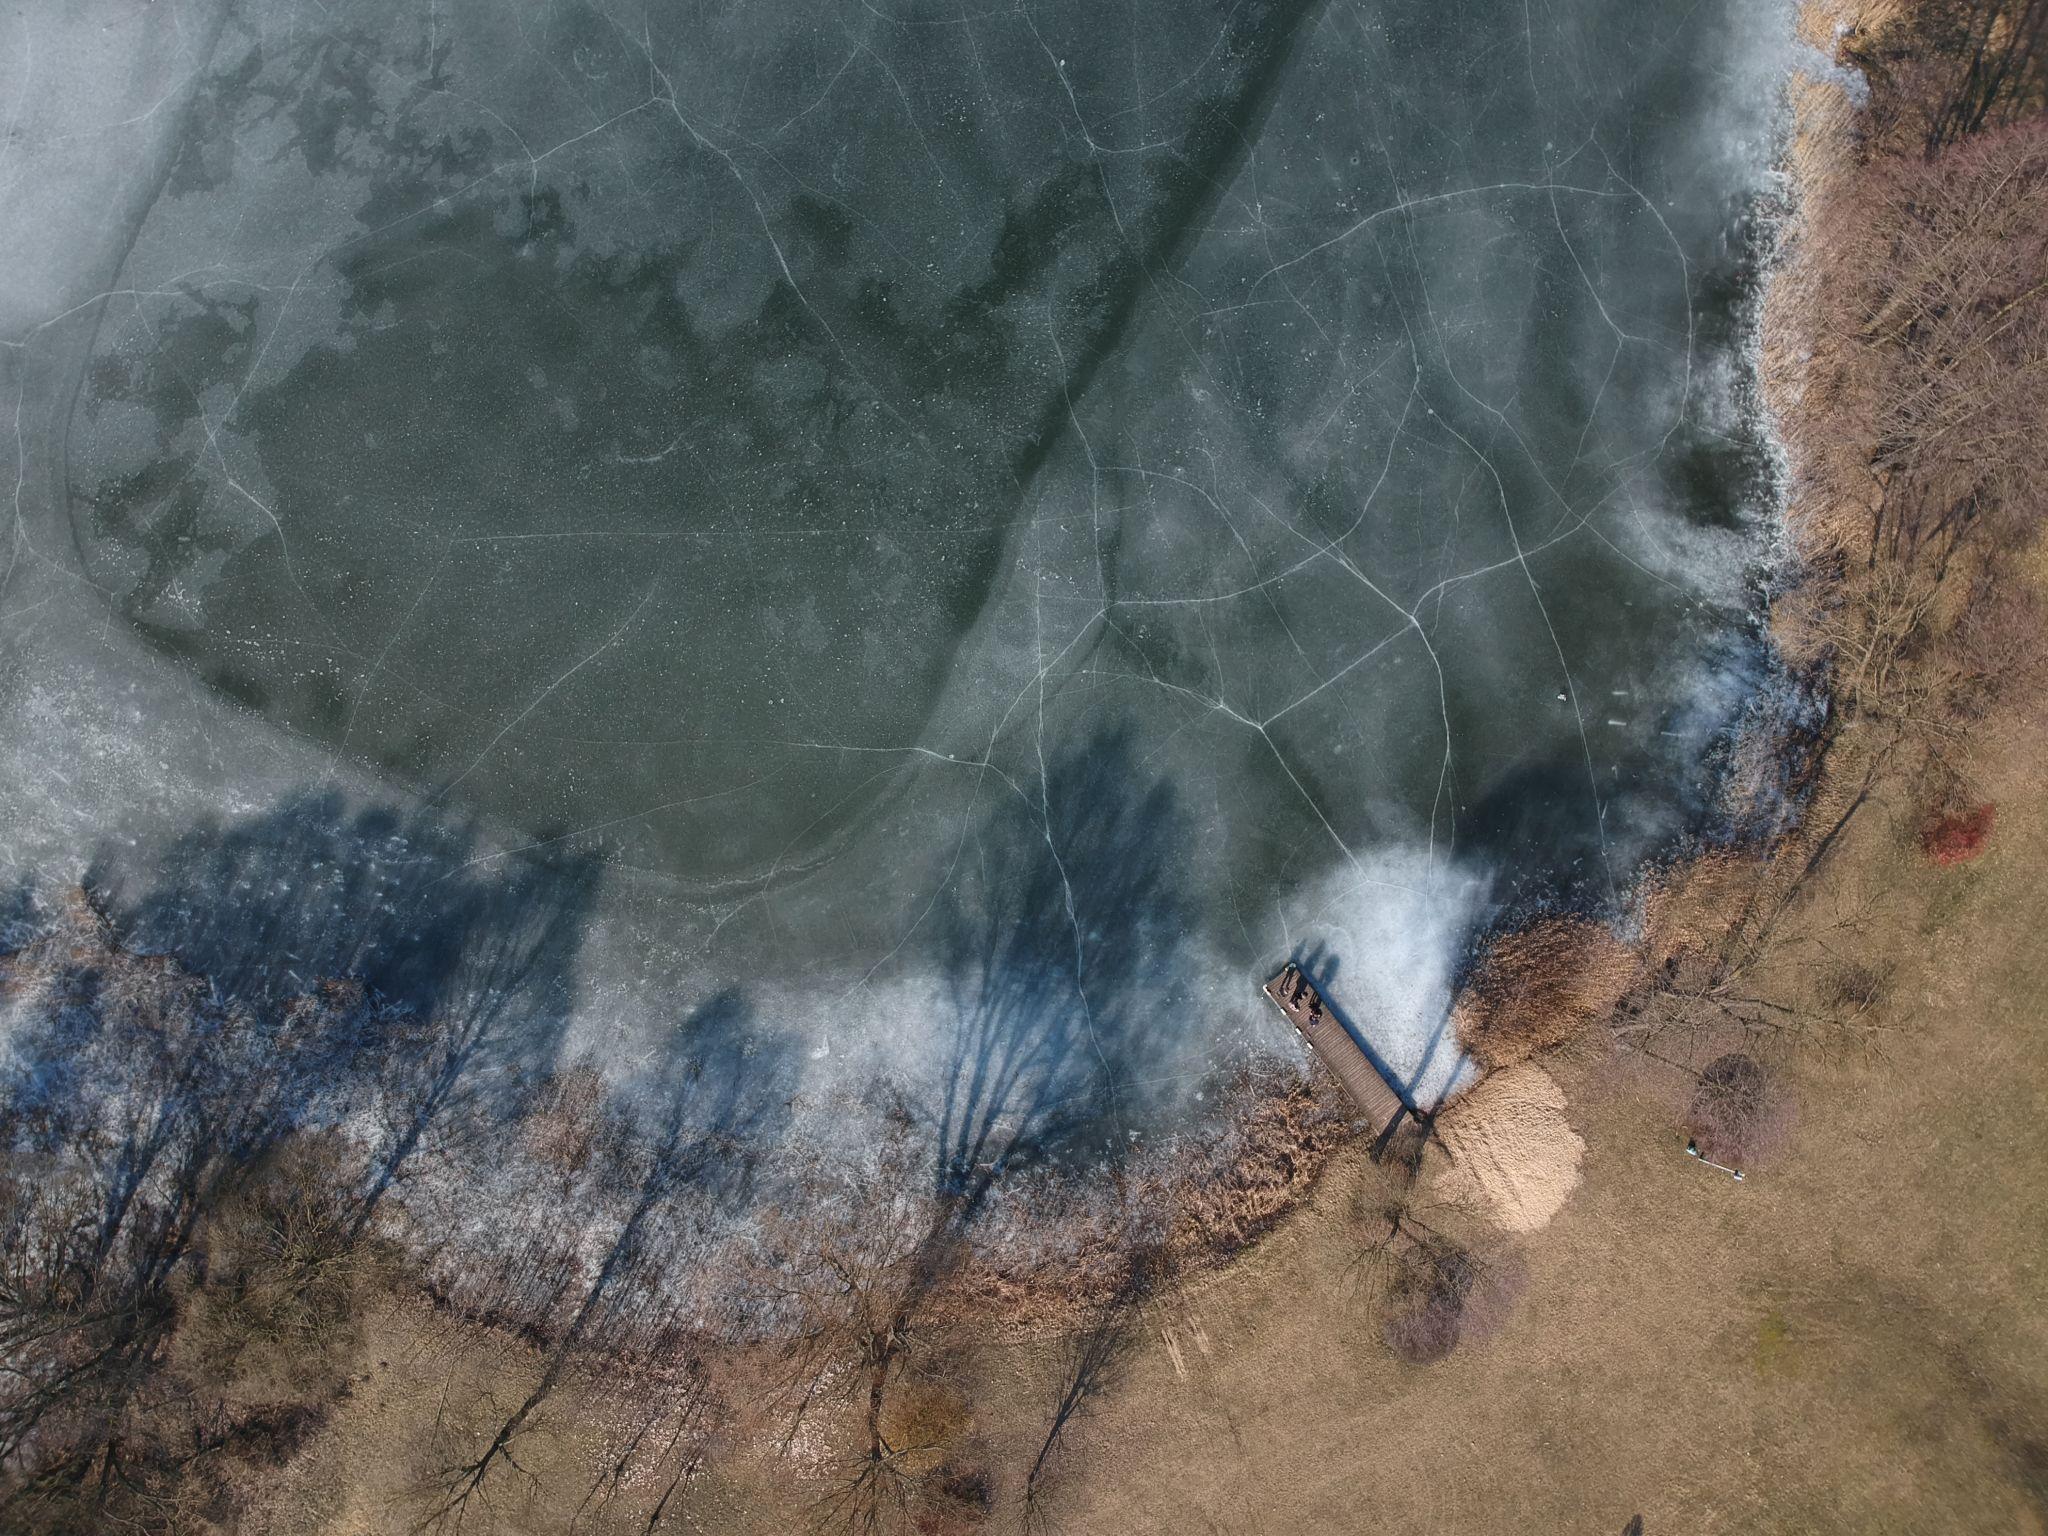 Ostrowieckie lake, Poland